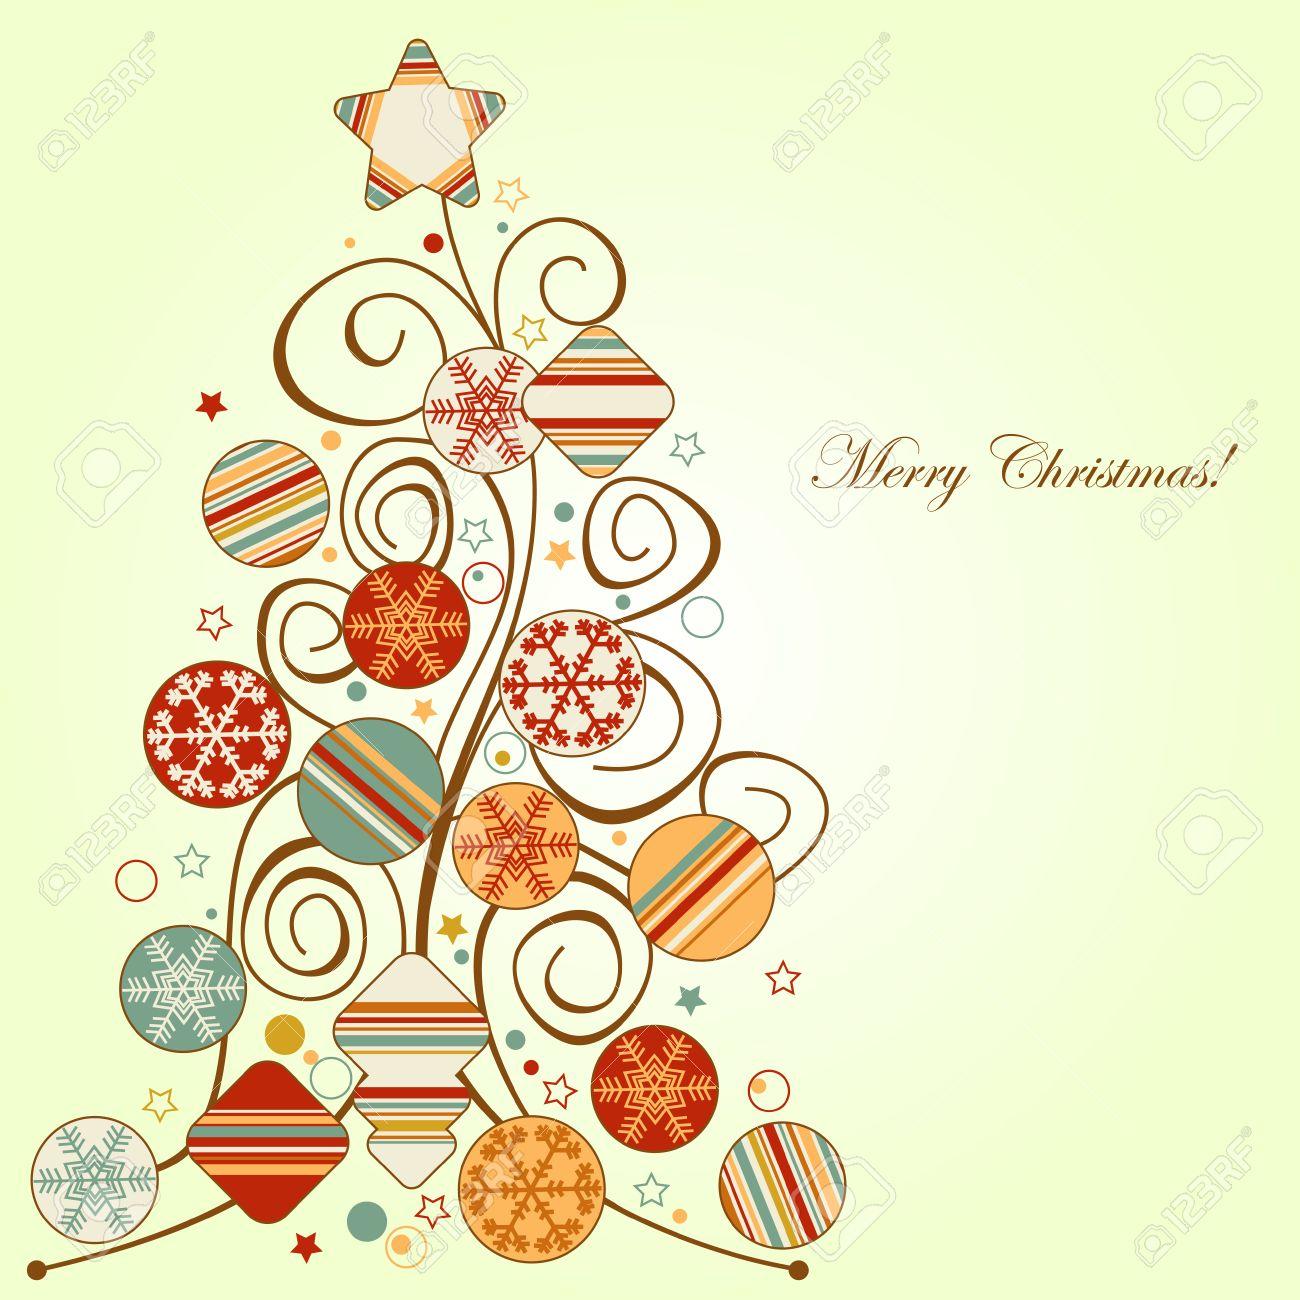 retro christmas tree stock vector 8132491 - Retro Christmas Tree